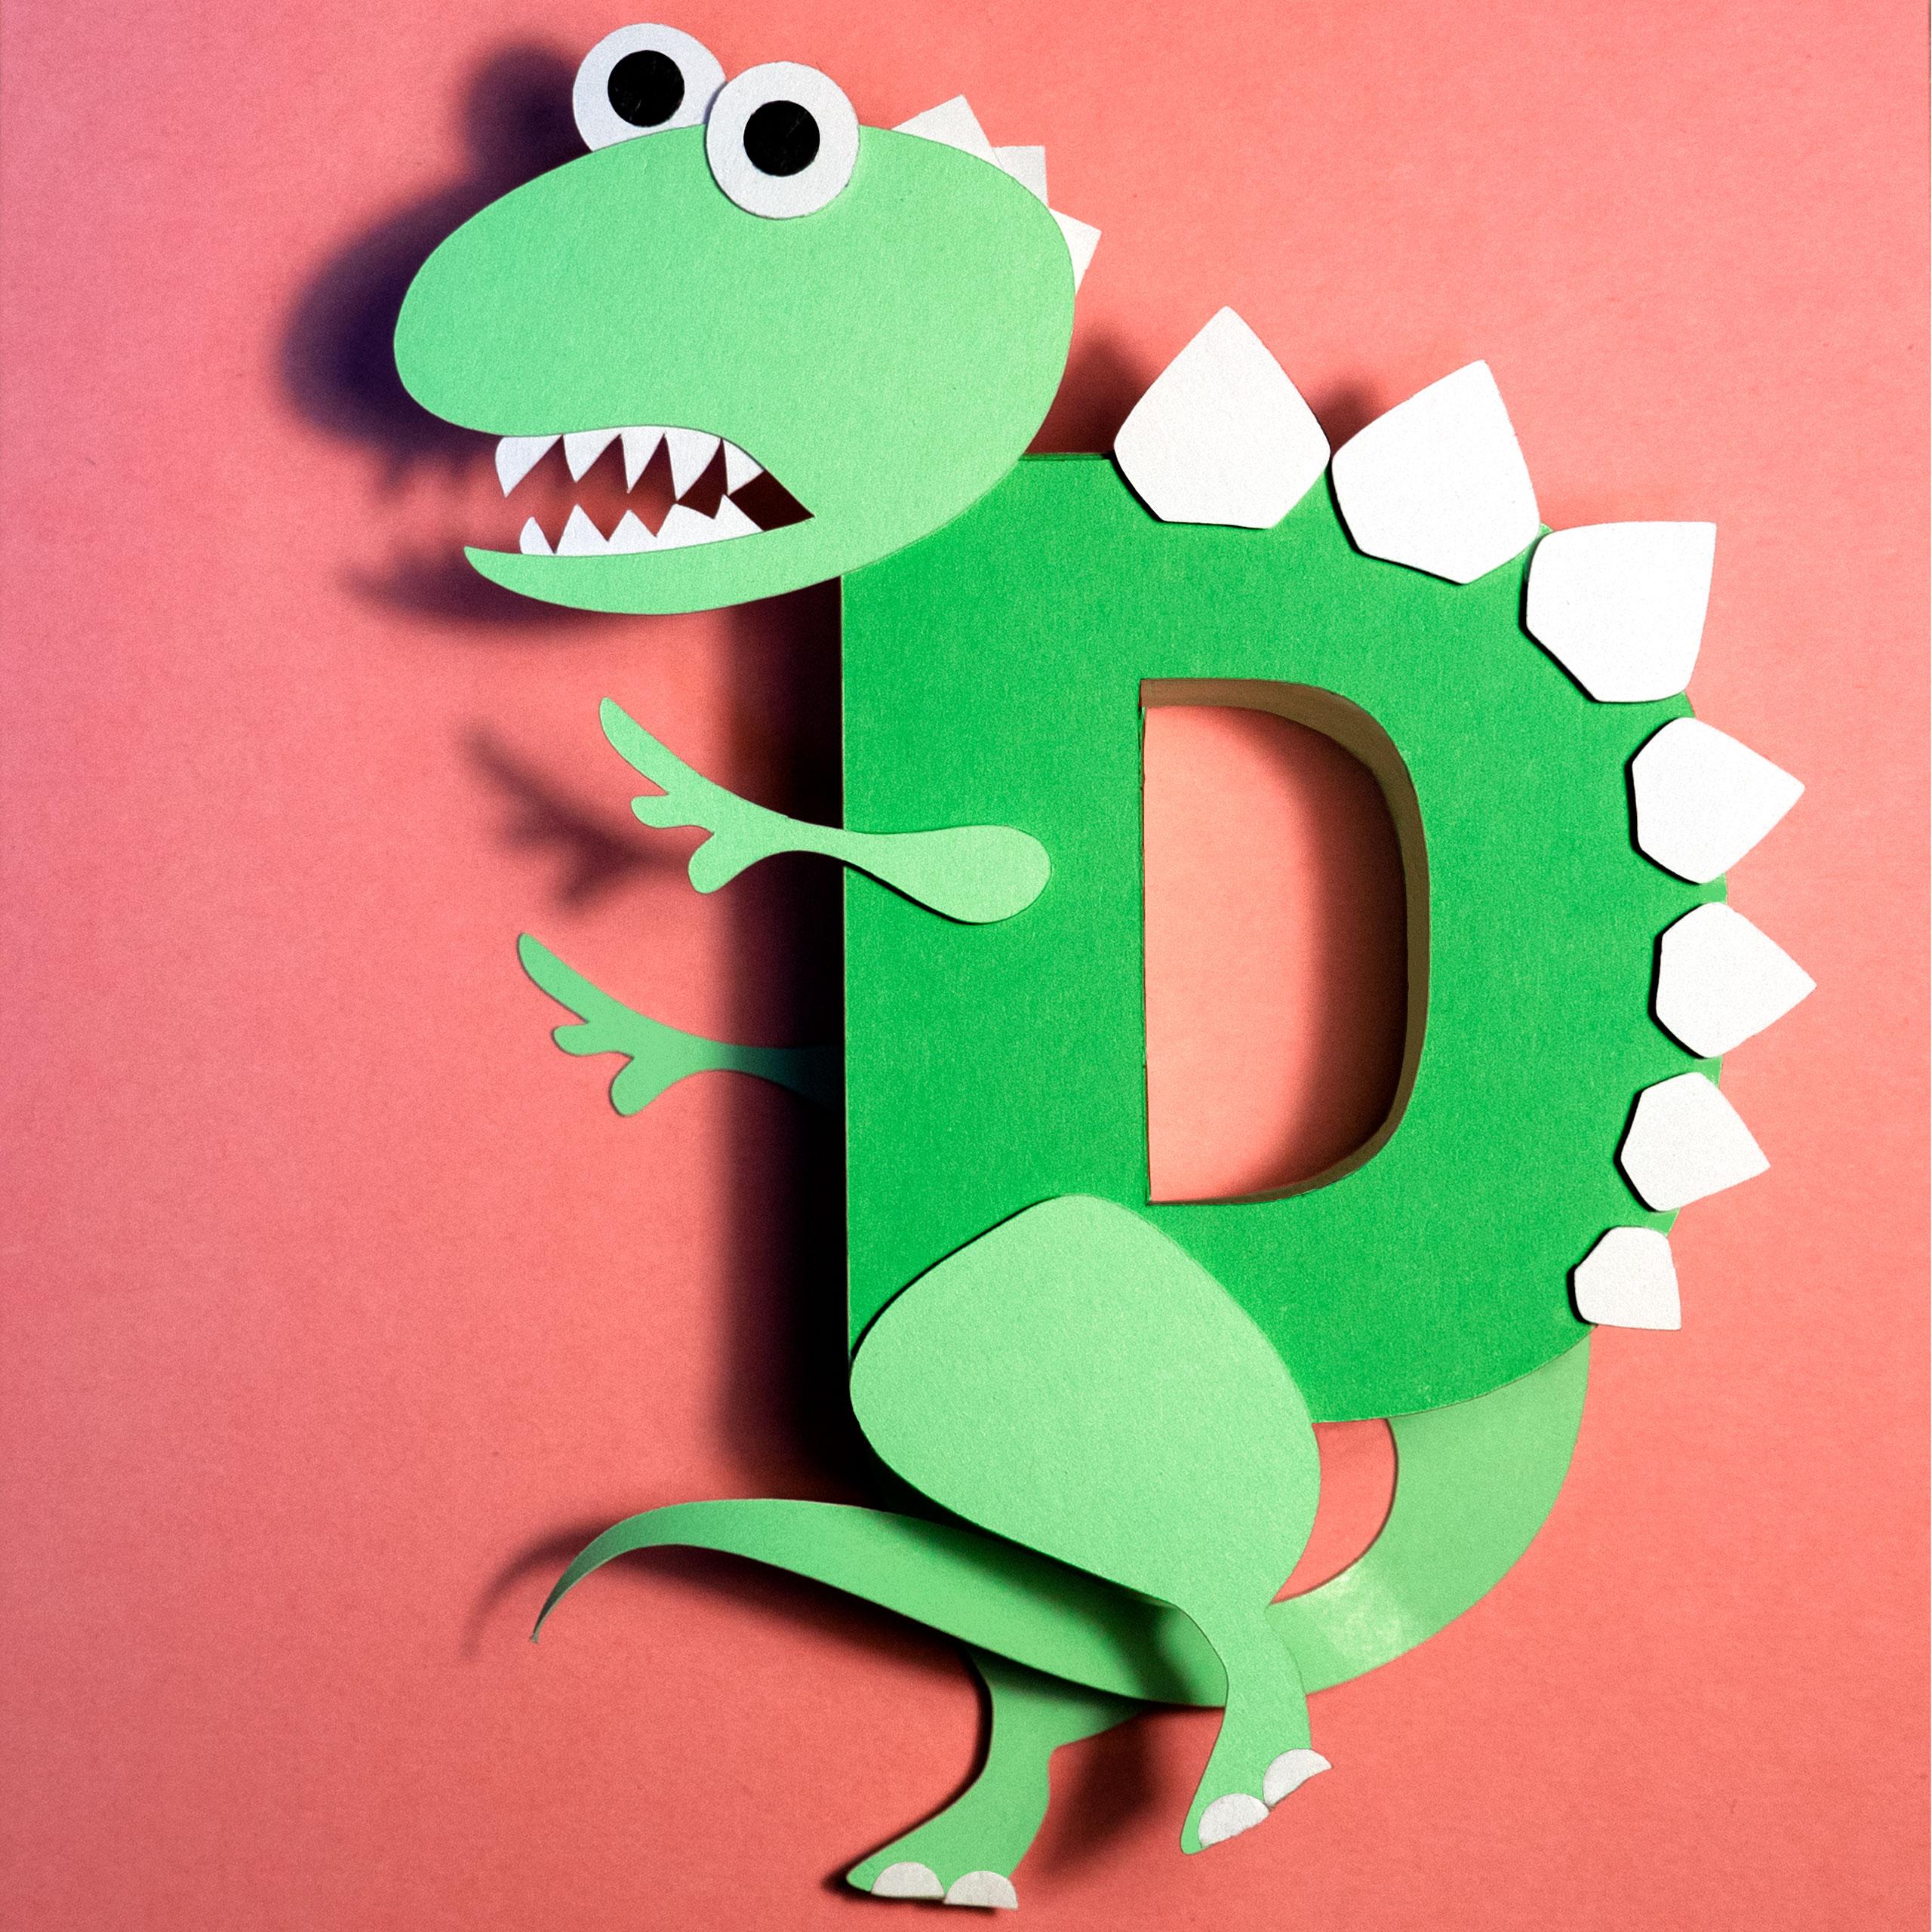 paper cut letterform D